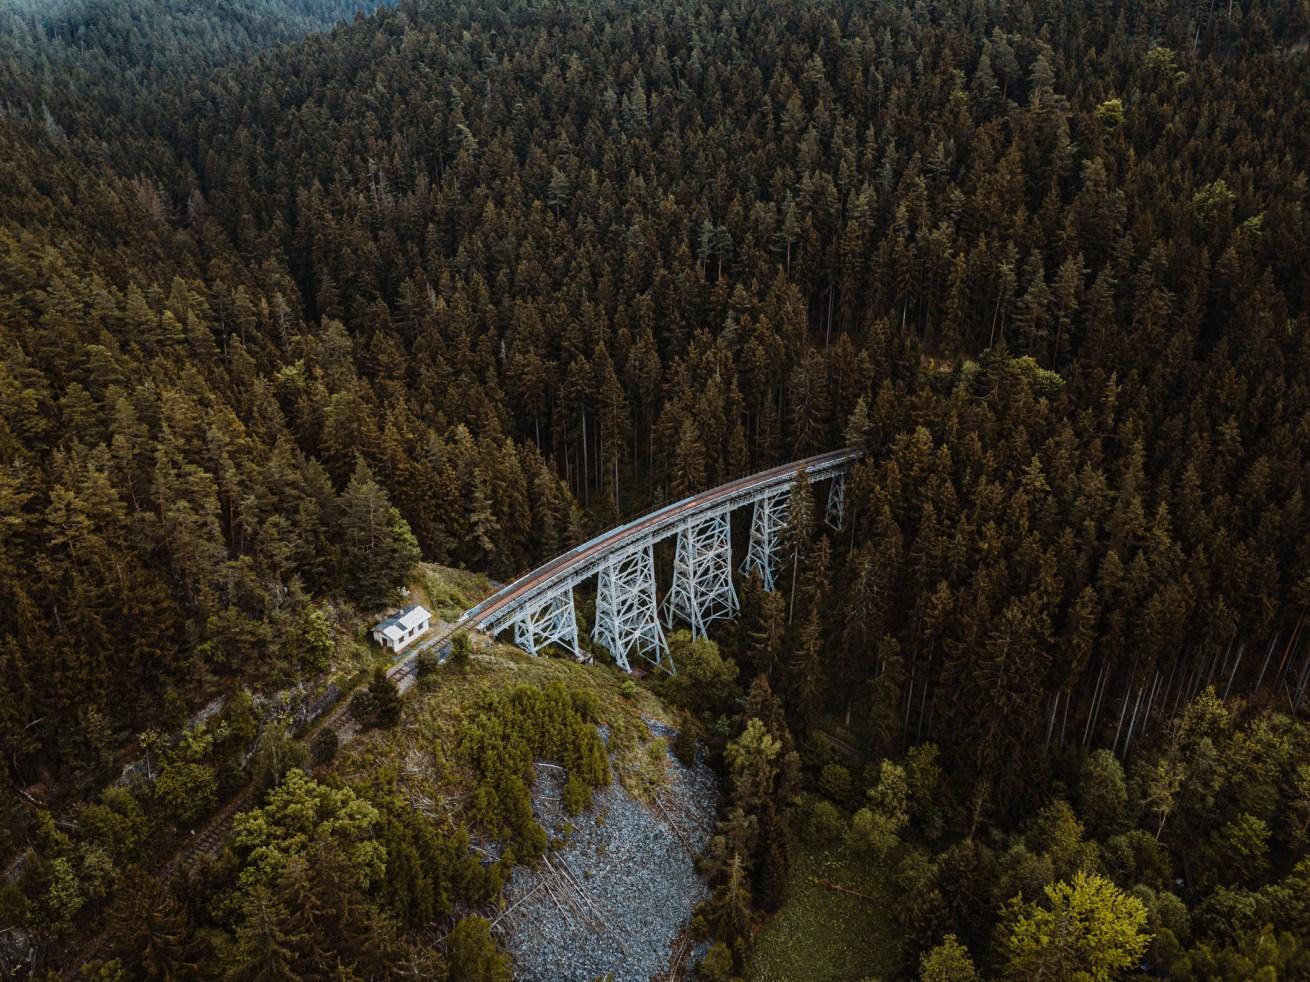 Lostplace-Thüringen-Zimesthalbrücke (18 von 69)